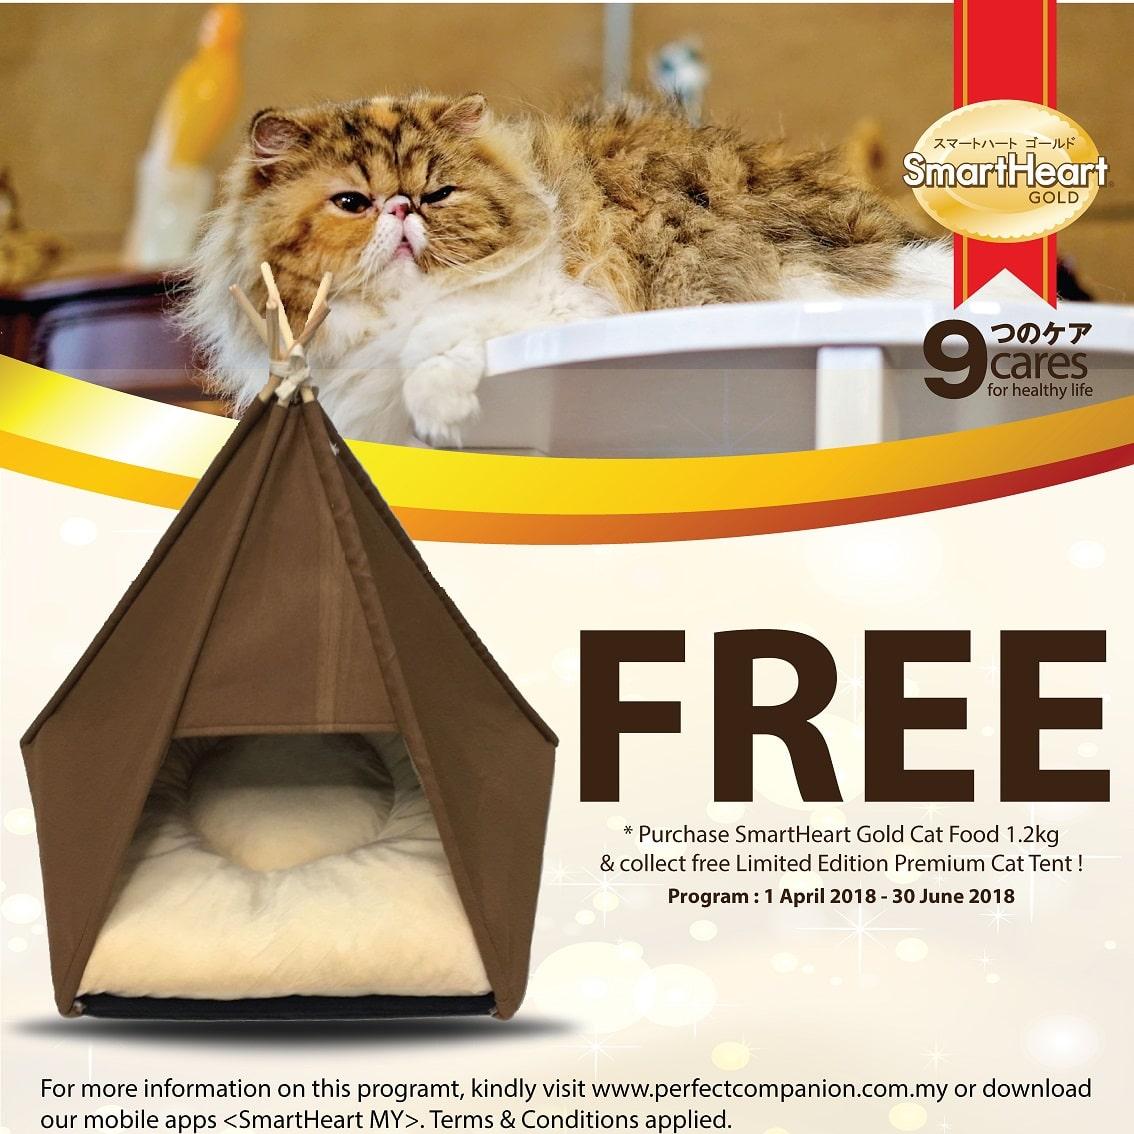 SmartHeart Gold Cat Tent Redemption Program (1 April – 30 June 2018)